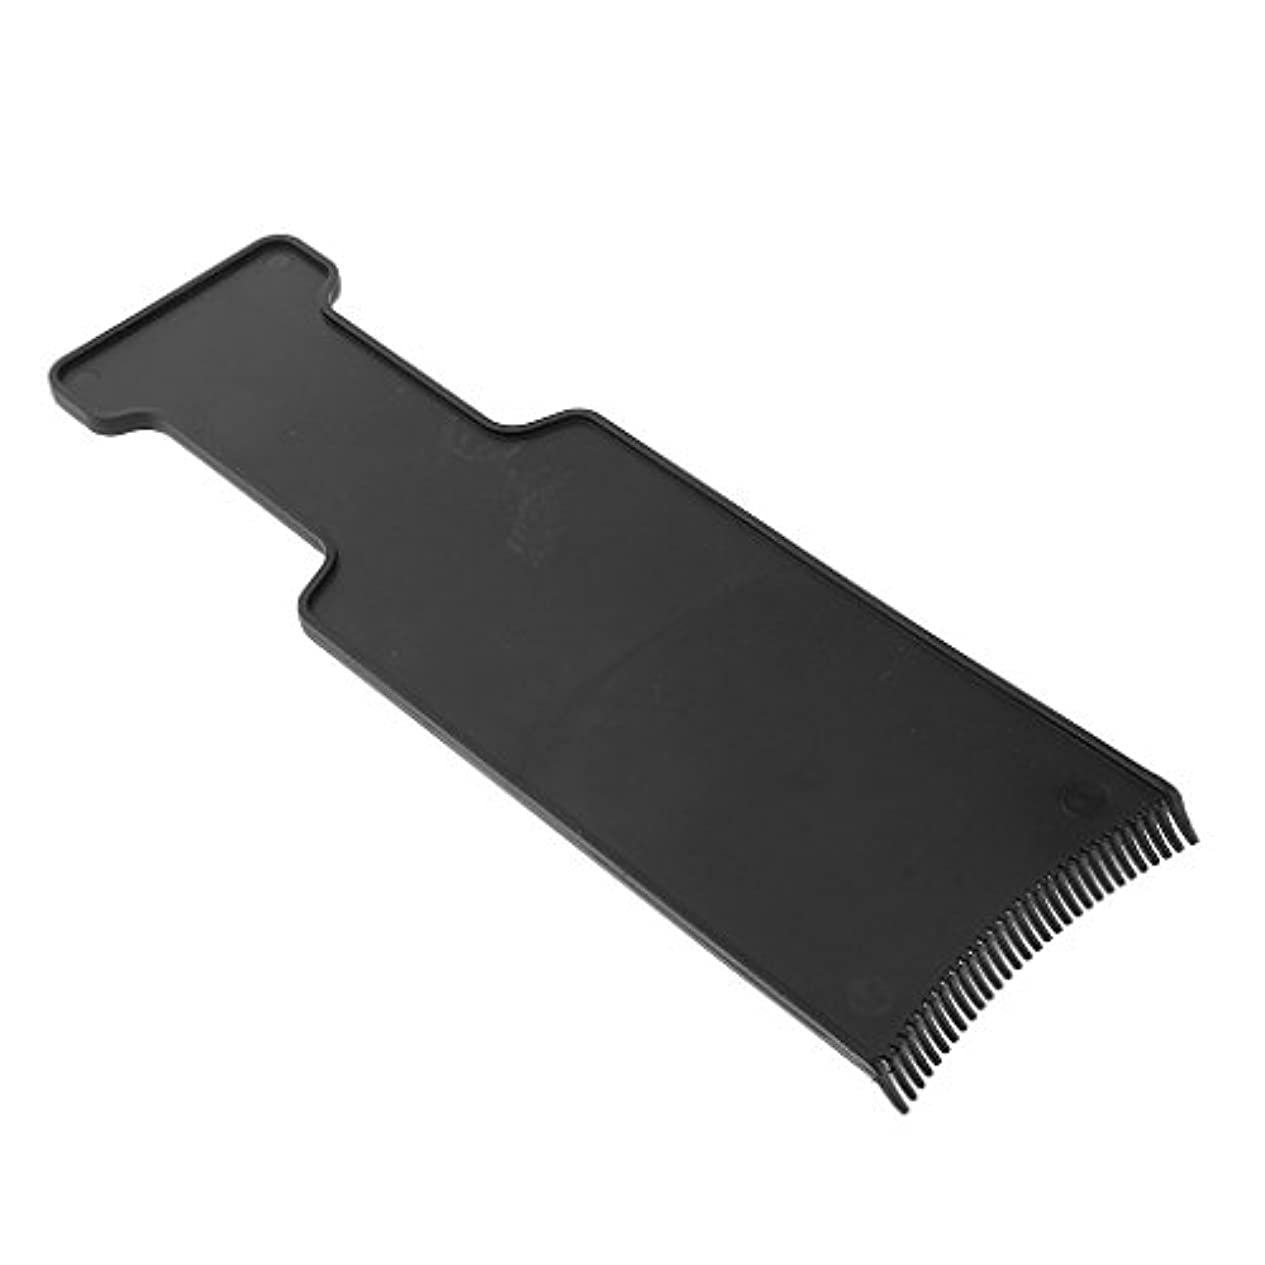 遅れの頭の上検証ヘアカラー ボード 染色 ツール ブラック 全4サイズ - M